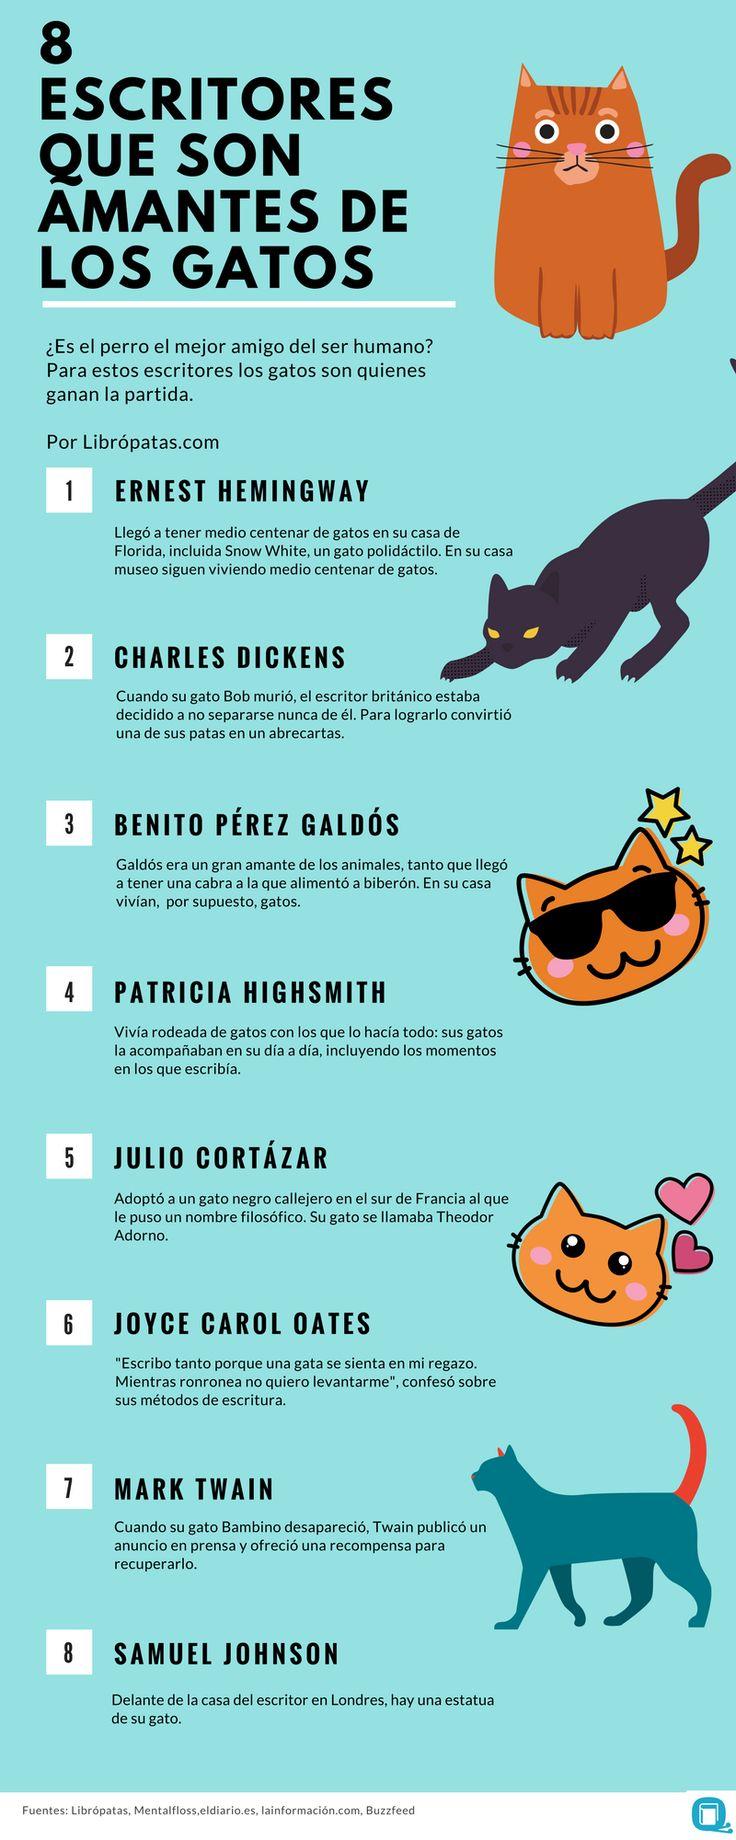 8 escritores que son amantes de los gatos